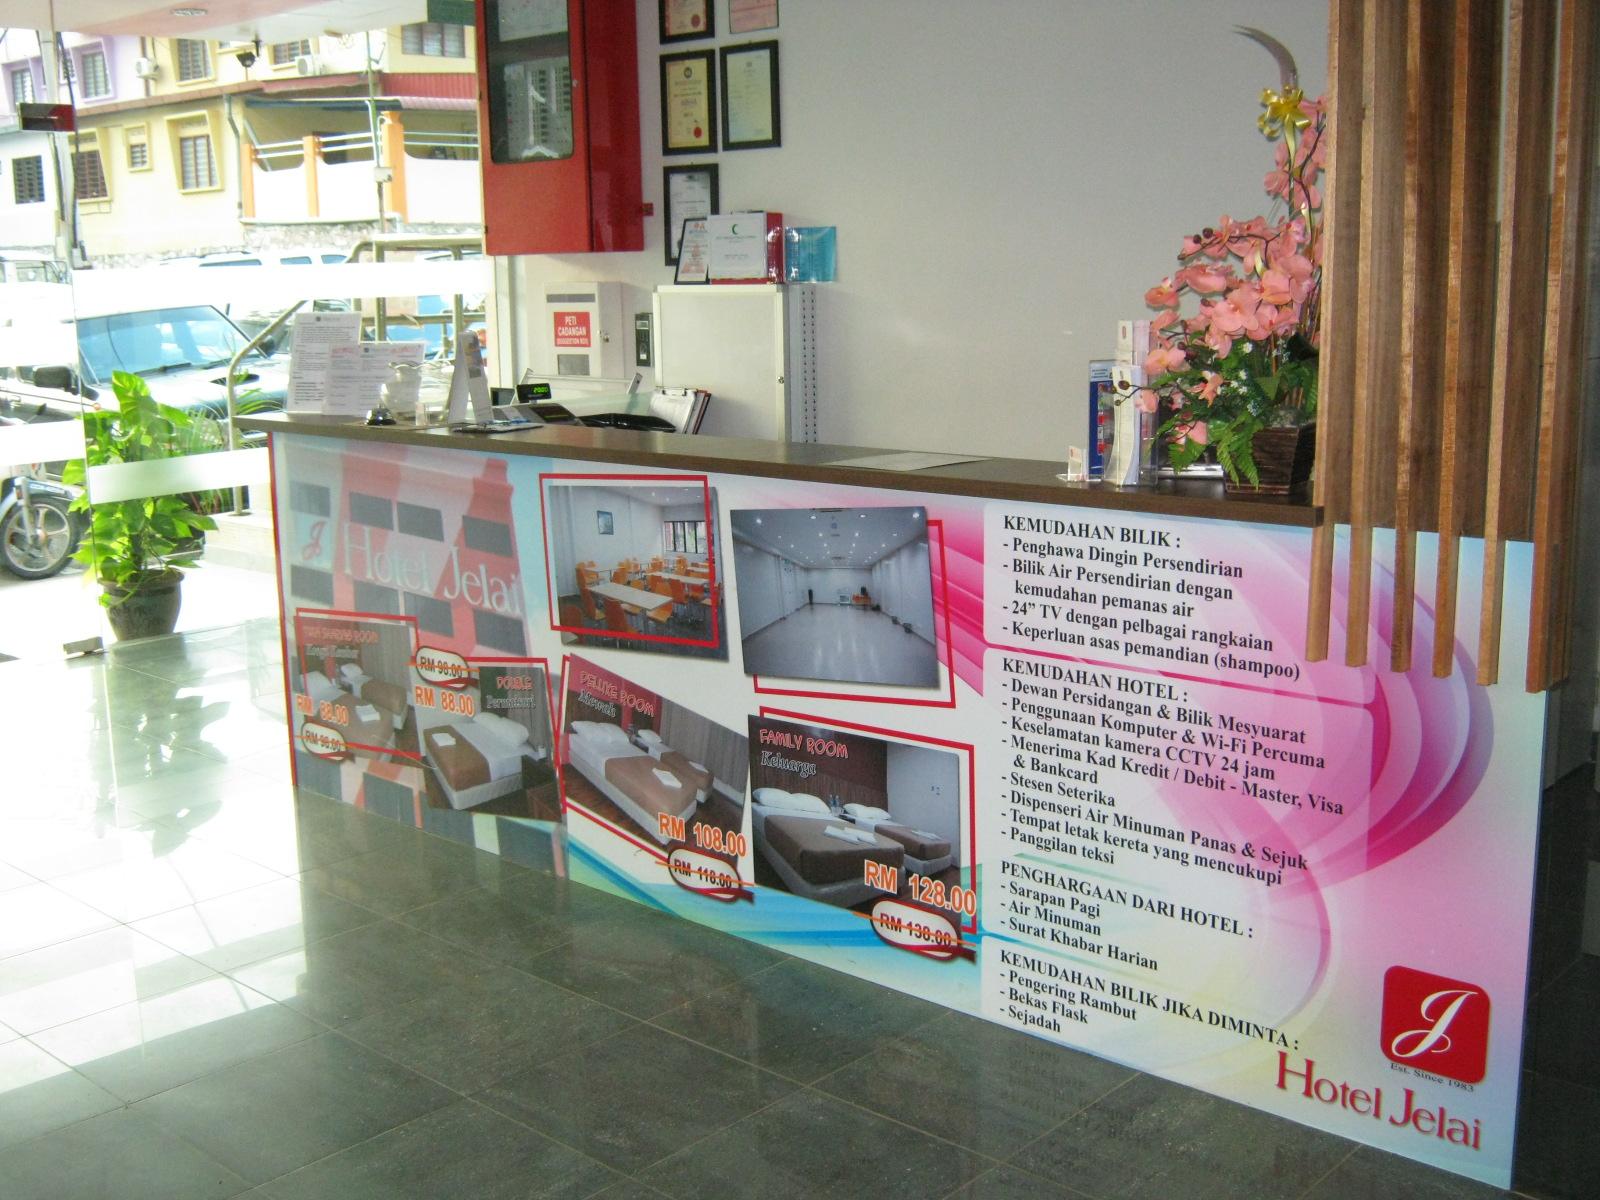 Hotel Jelai Mentakab Nizamnz Personal Blog Pengalaman Hidupku Dirantau Orang Hotel